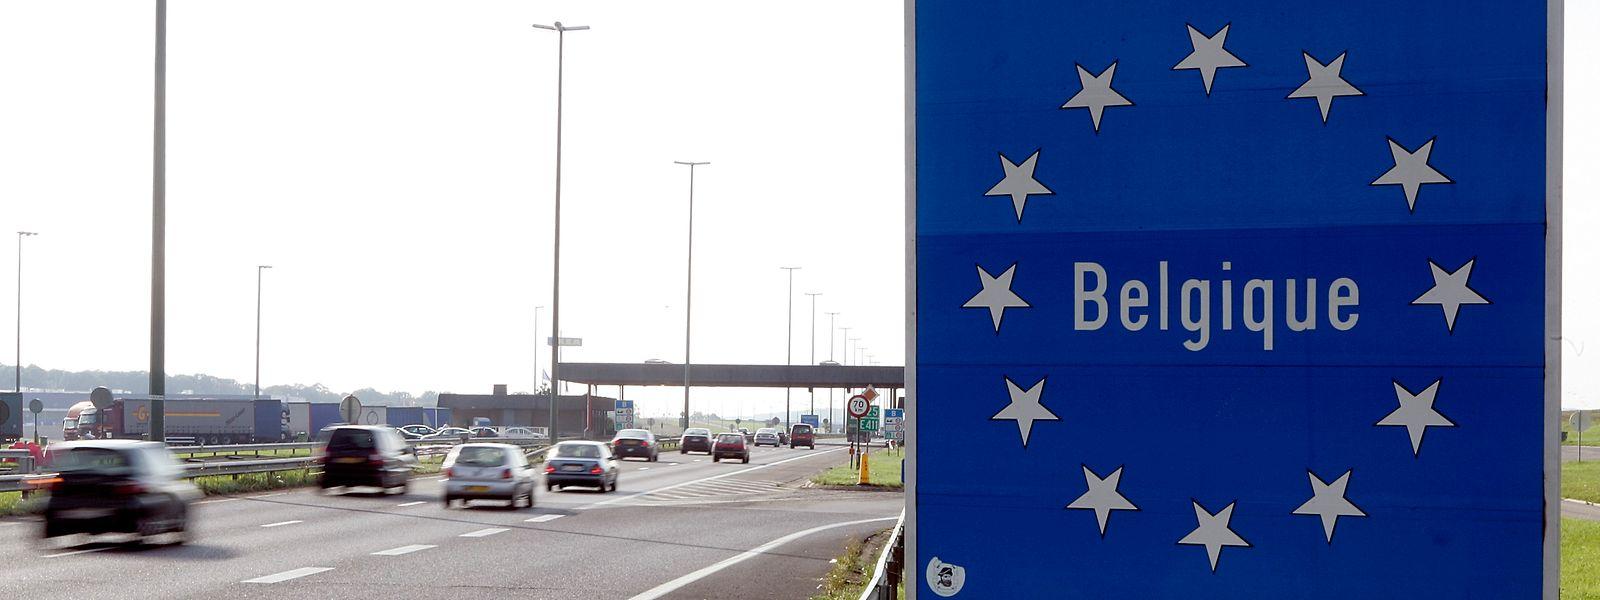 Concrètement, le passage du Luxembourg en zone orange n'entraîne aucune incidence sur les déplacements des travailleurs frontaliers belges